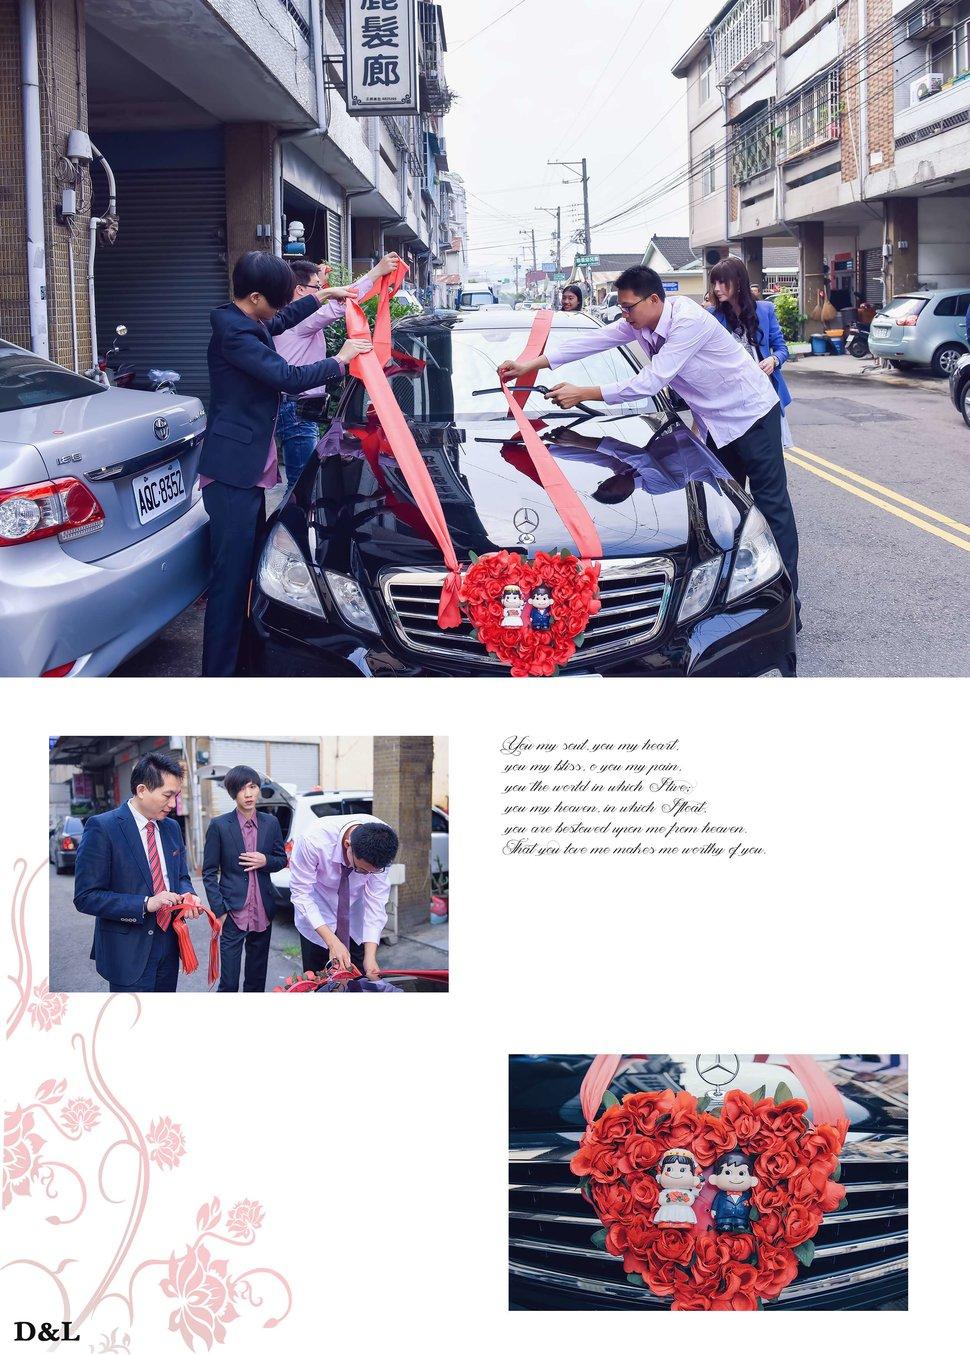 婚禮記錄 錦全&昀臻(編號:6107) - D&L 婚禮事務-婚紗攝影/婚禮記錄 - 結婚吧一站式婚禮服務平台